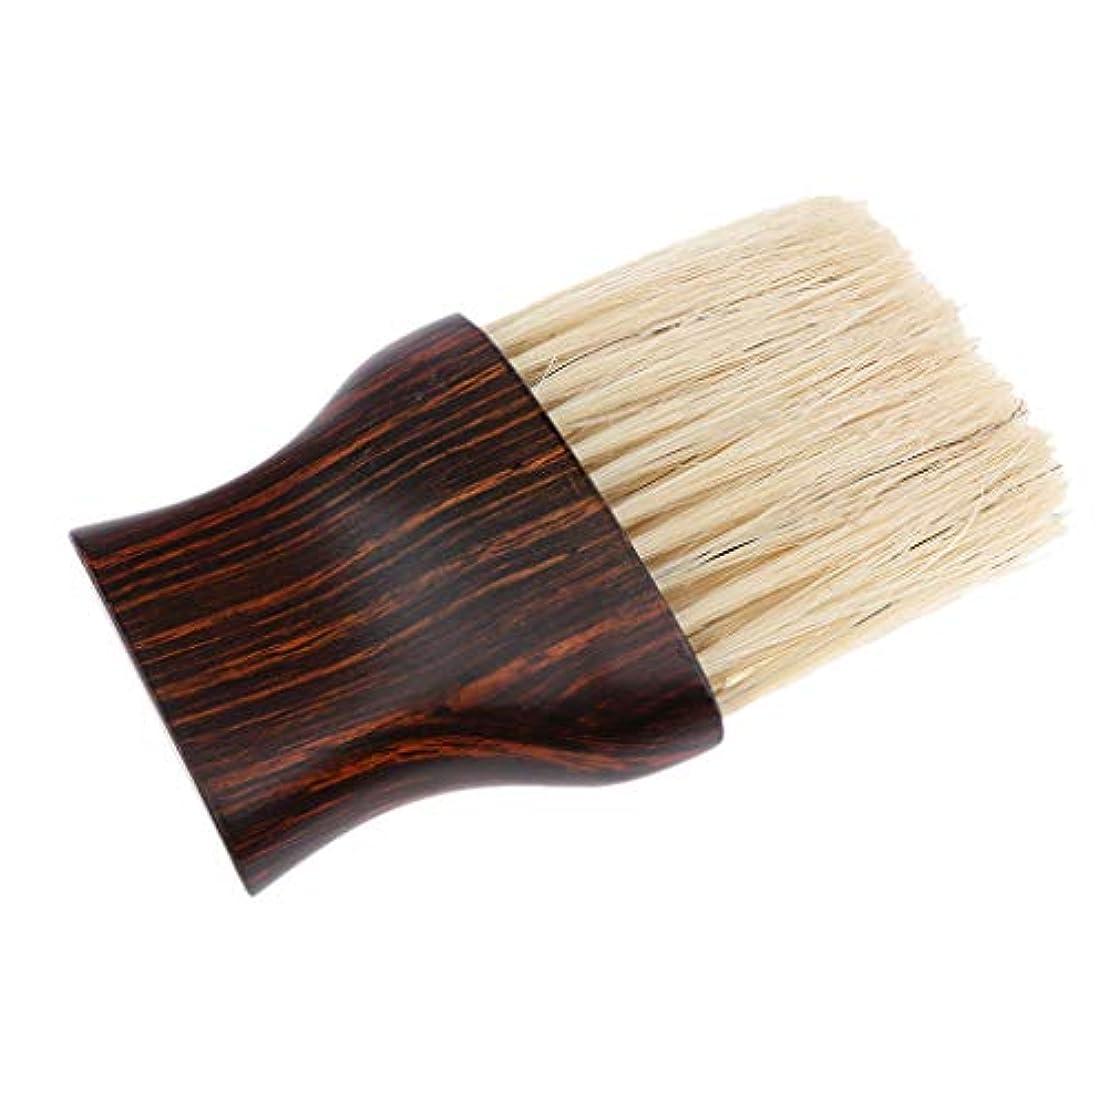 ひばりに対応嵐のヘアブラシ 毛払いブラシ 散髪 髪切り 散髪用ツール 床屋 理髪店 美容院 ソフトブラシ